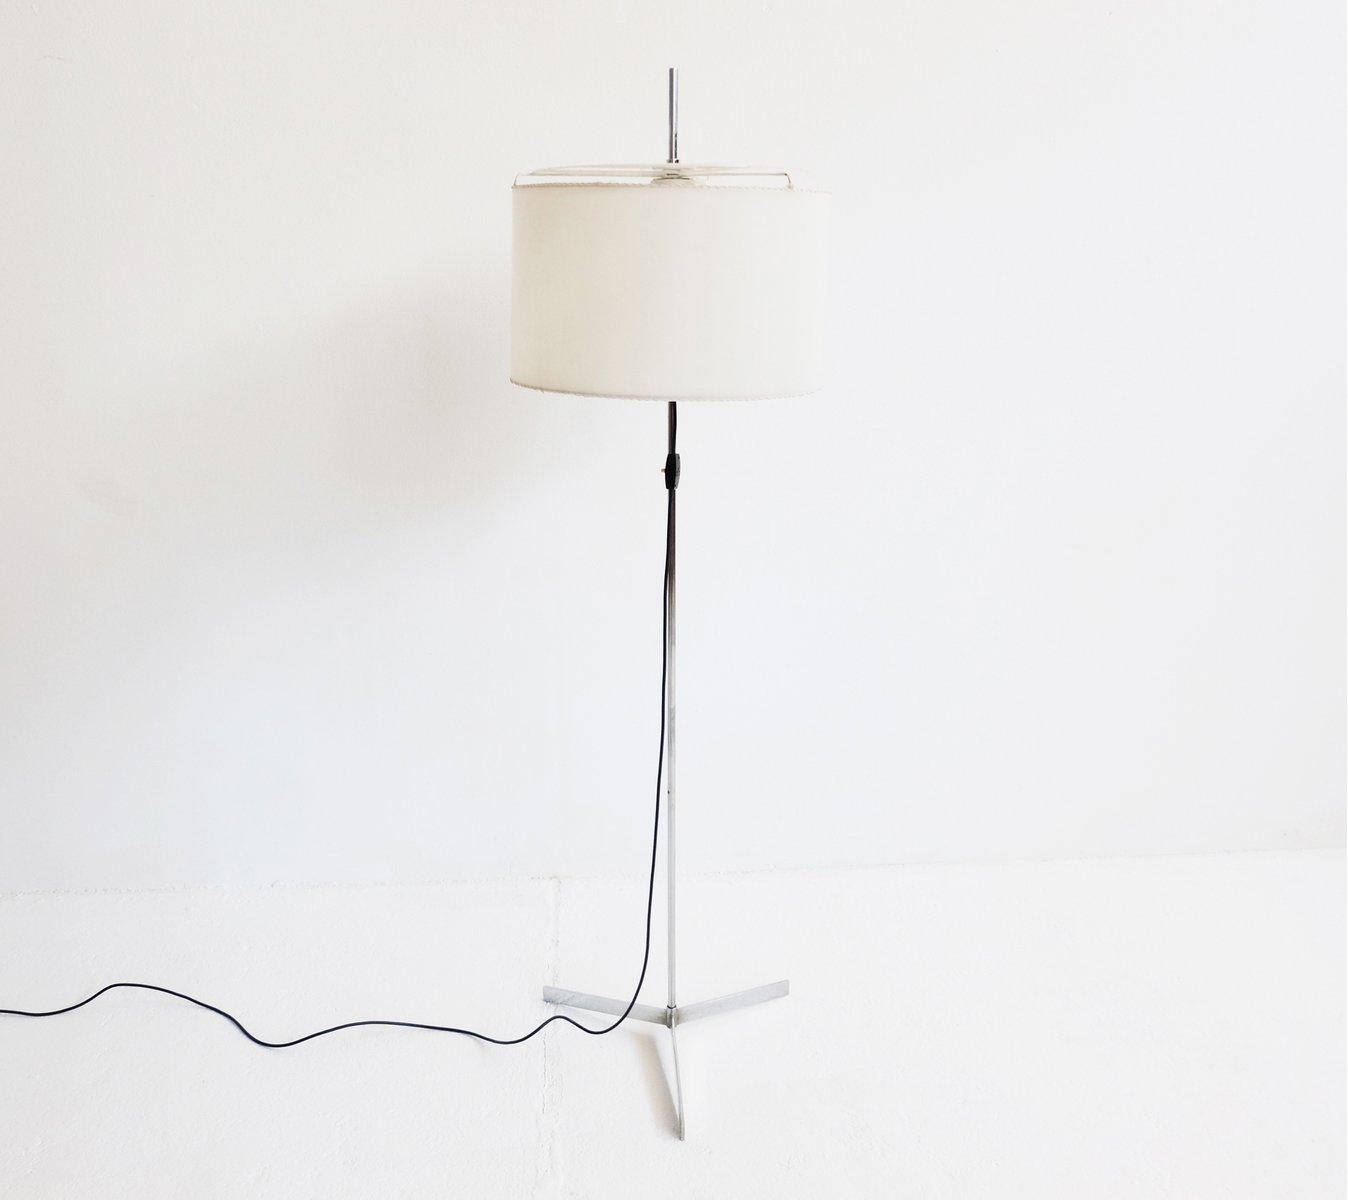 Verstellbare Schweizer Stehlampe, 1960er